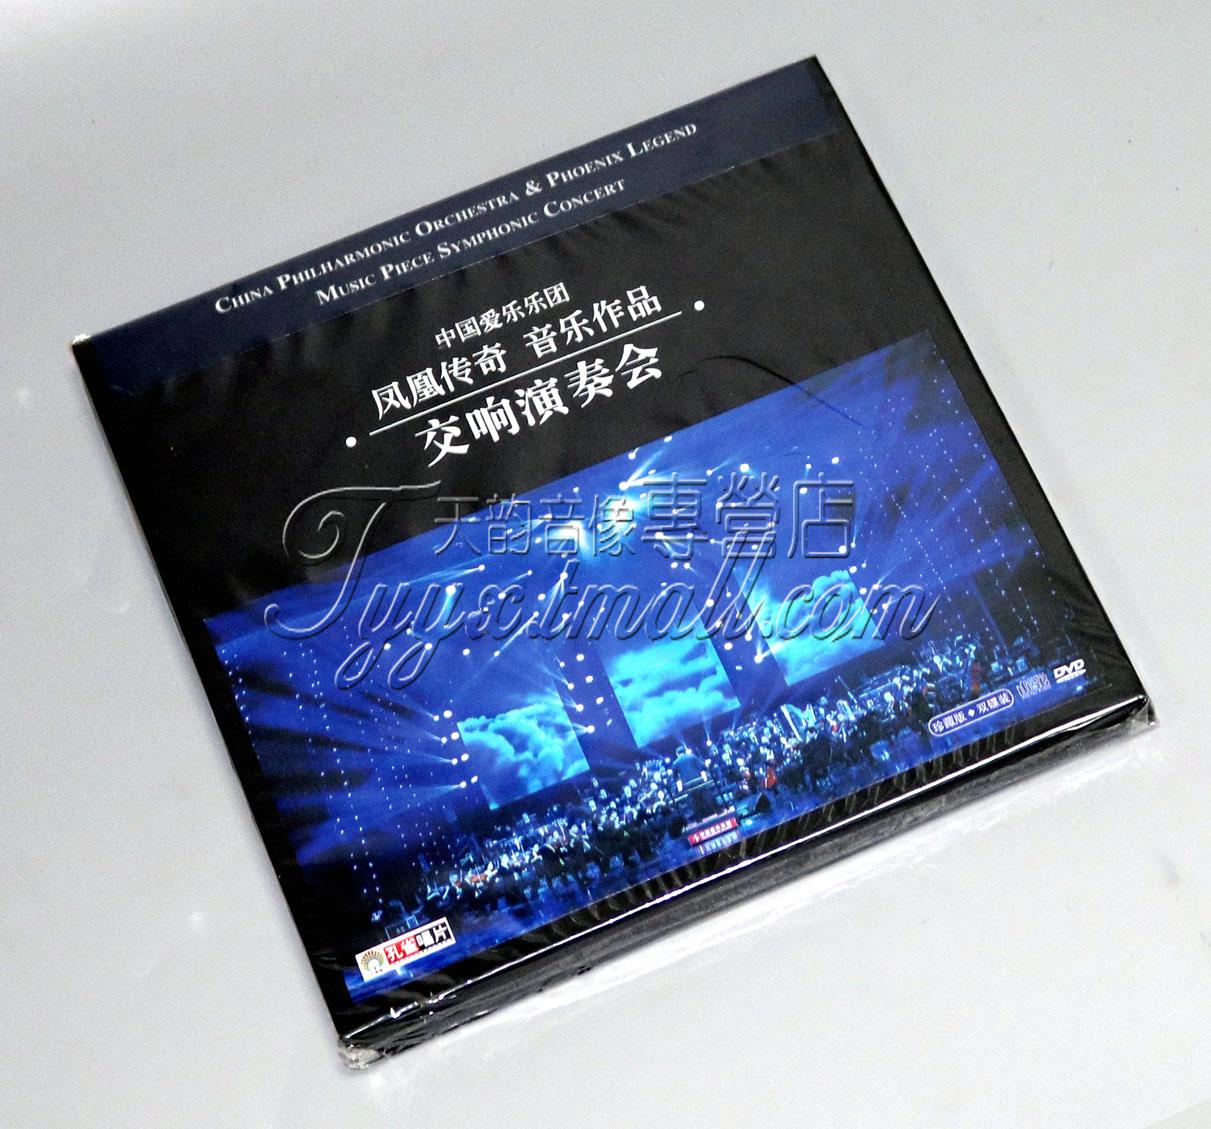 Пластинки с записями партийных речей Артикул 43745000833